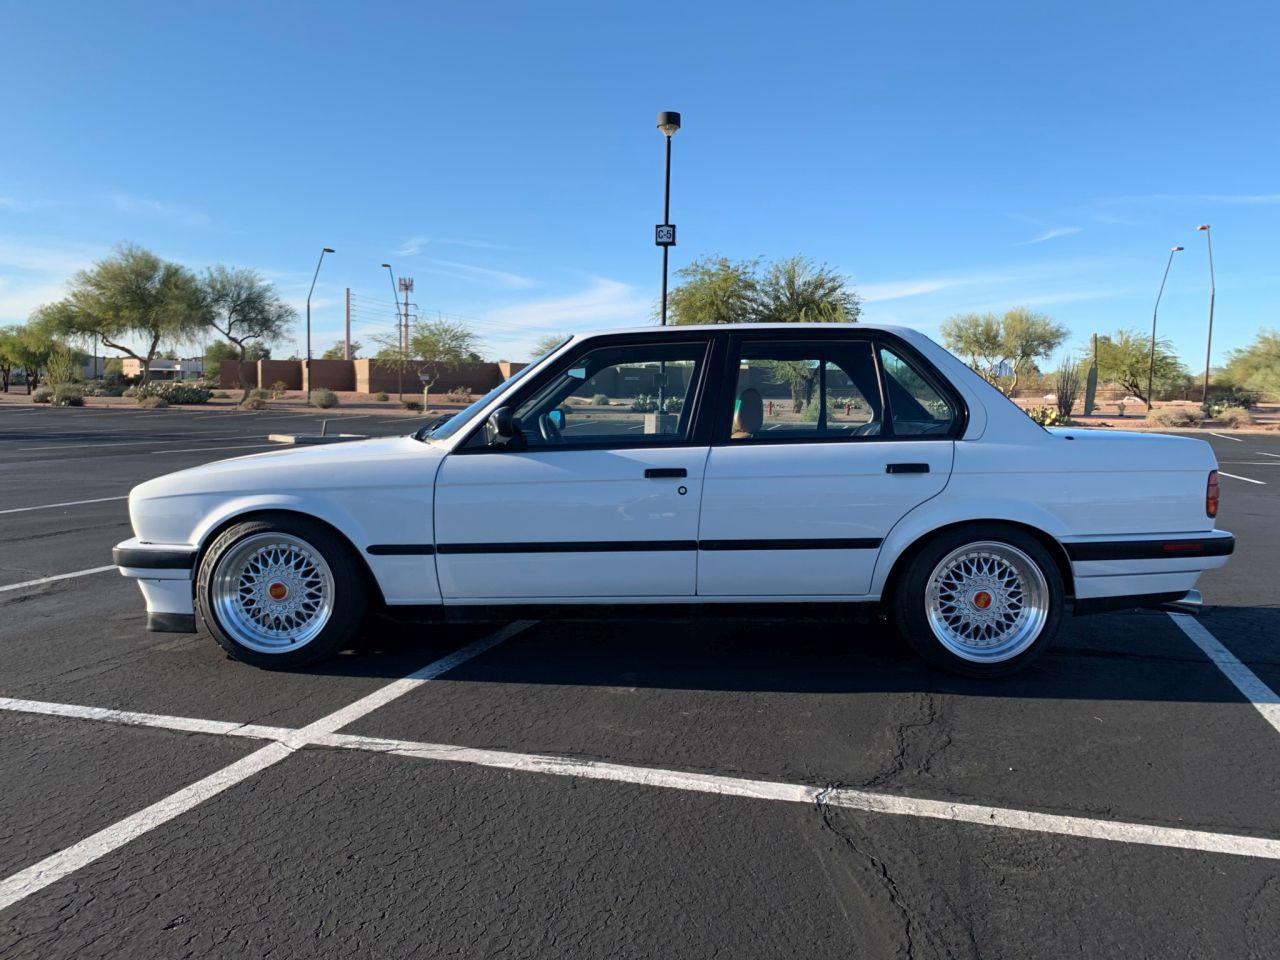 BMW 325i en S62 - Parce que 8, c'est mieux que 6 ! 6